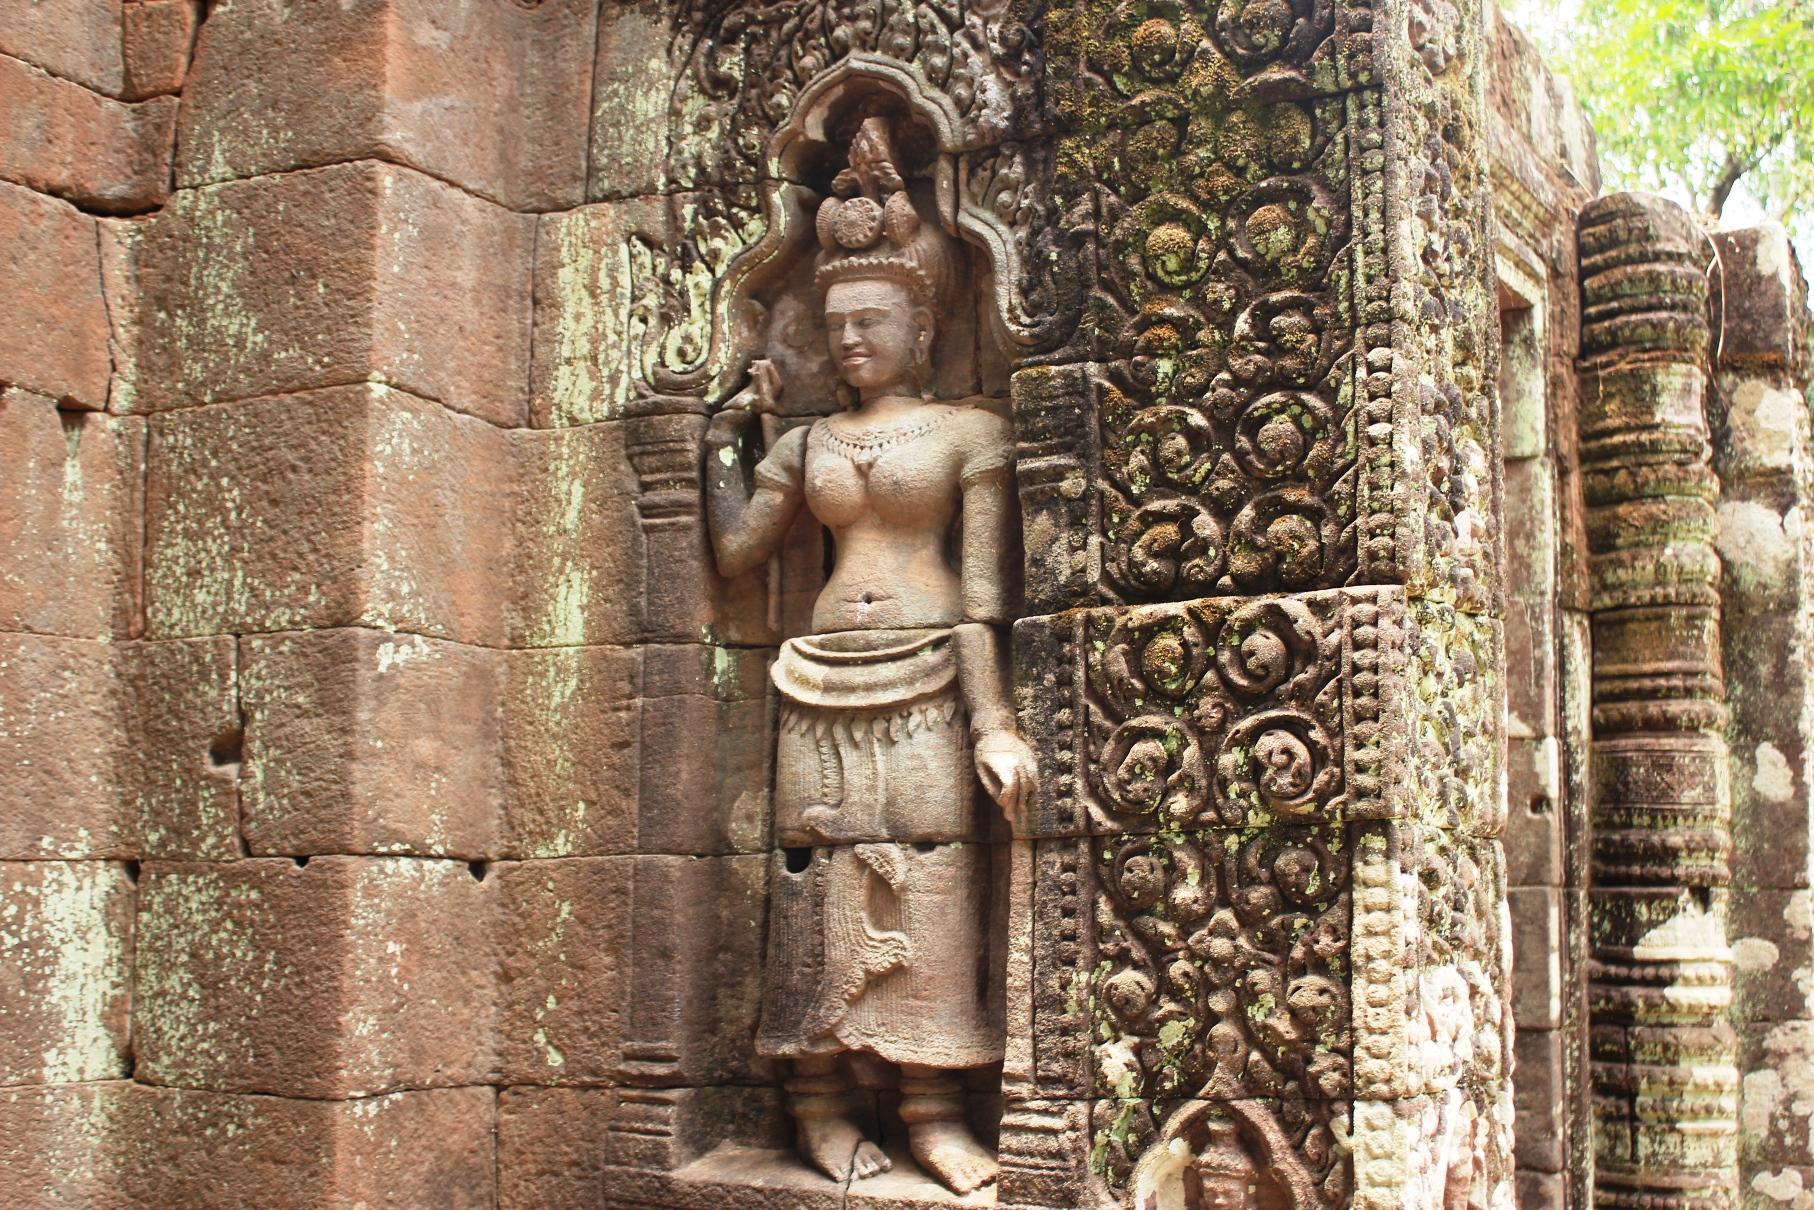 クメール文化の仏像